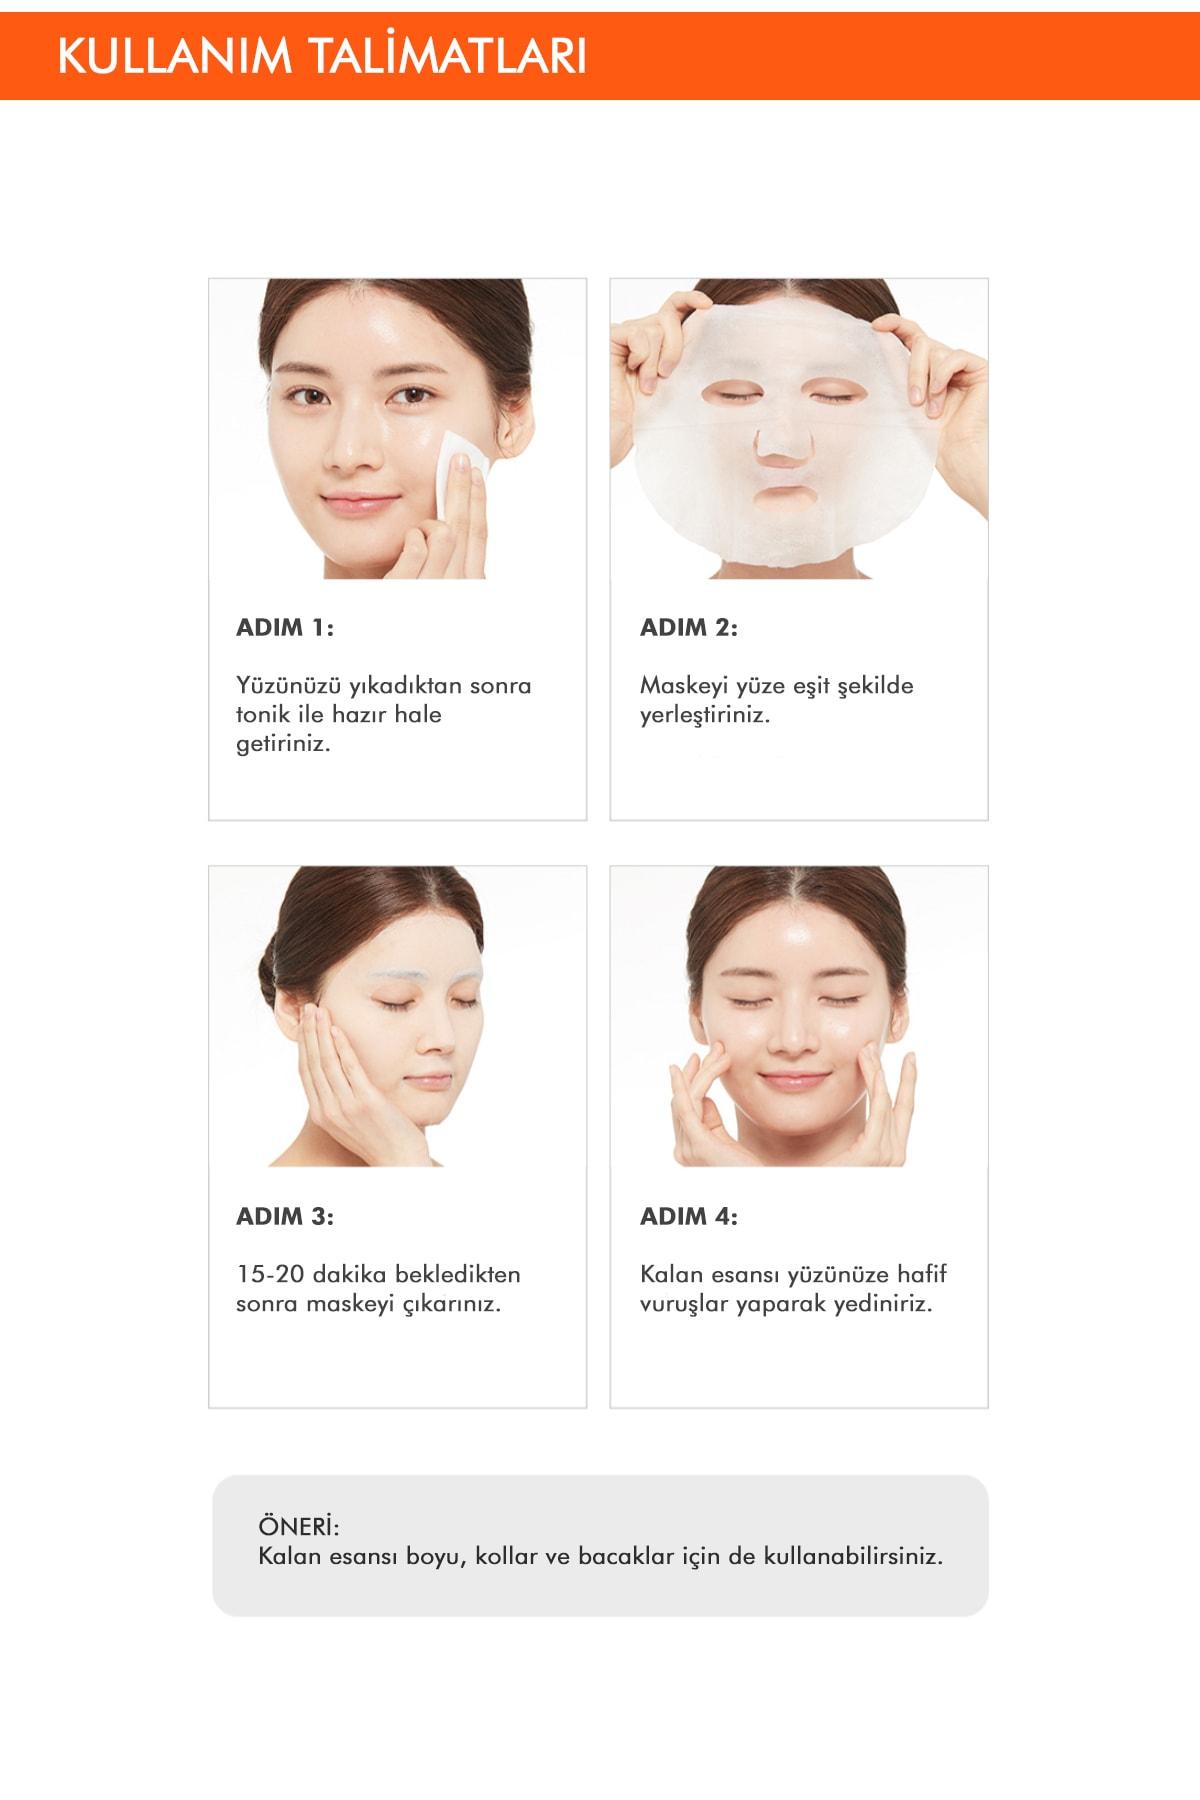 Missha Shea Yağı Besleyici ve Yoğun Nemlendirici Yaprak Maske (1ad) Airy Fit Sheet Mask Shea Butter 4